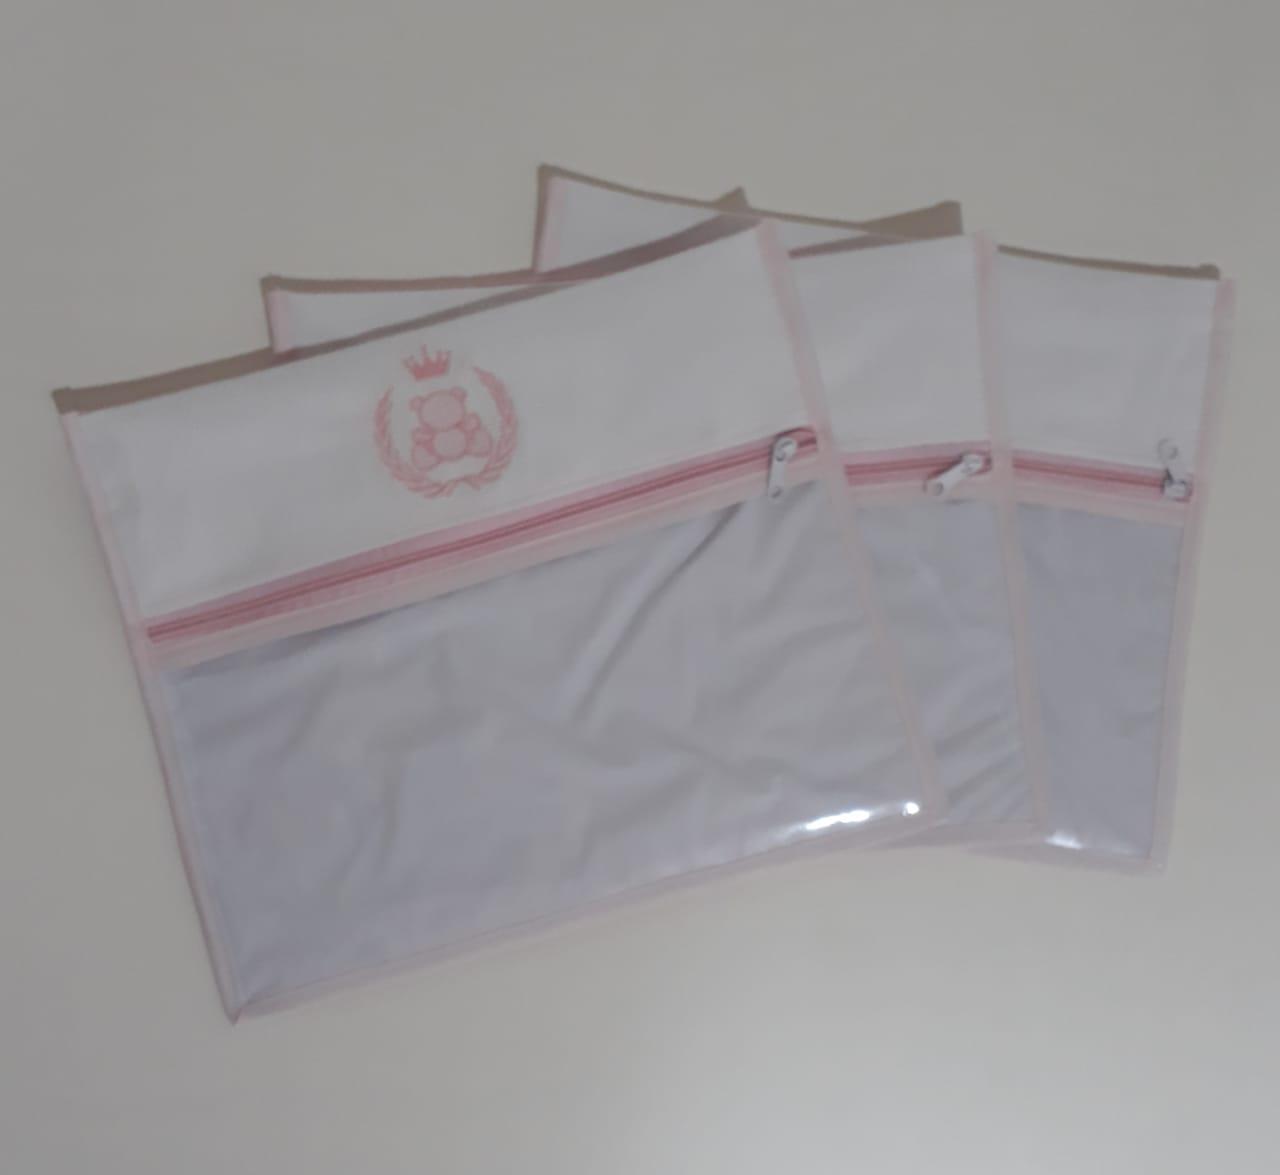 Kit Saquinho Maternidade Bordado com 3 Unidades